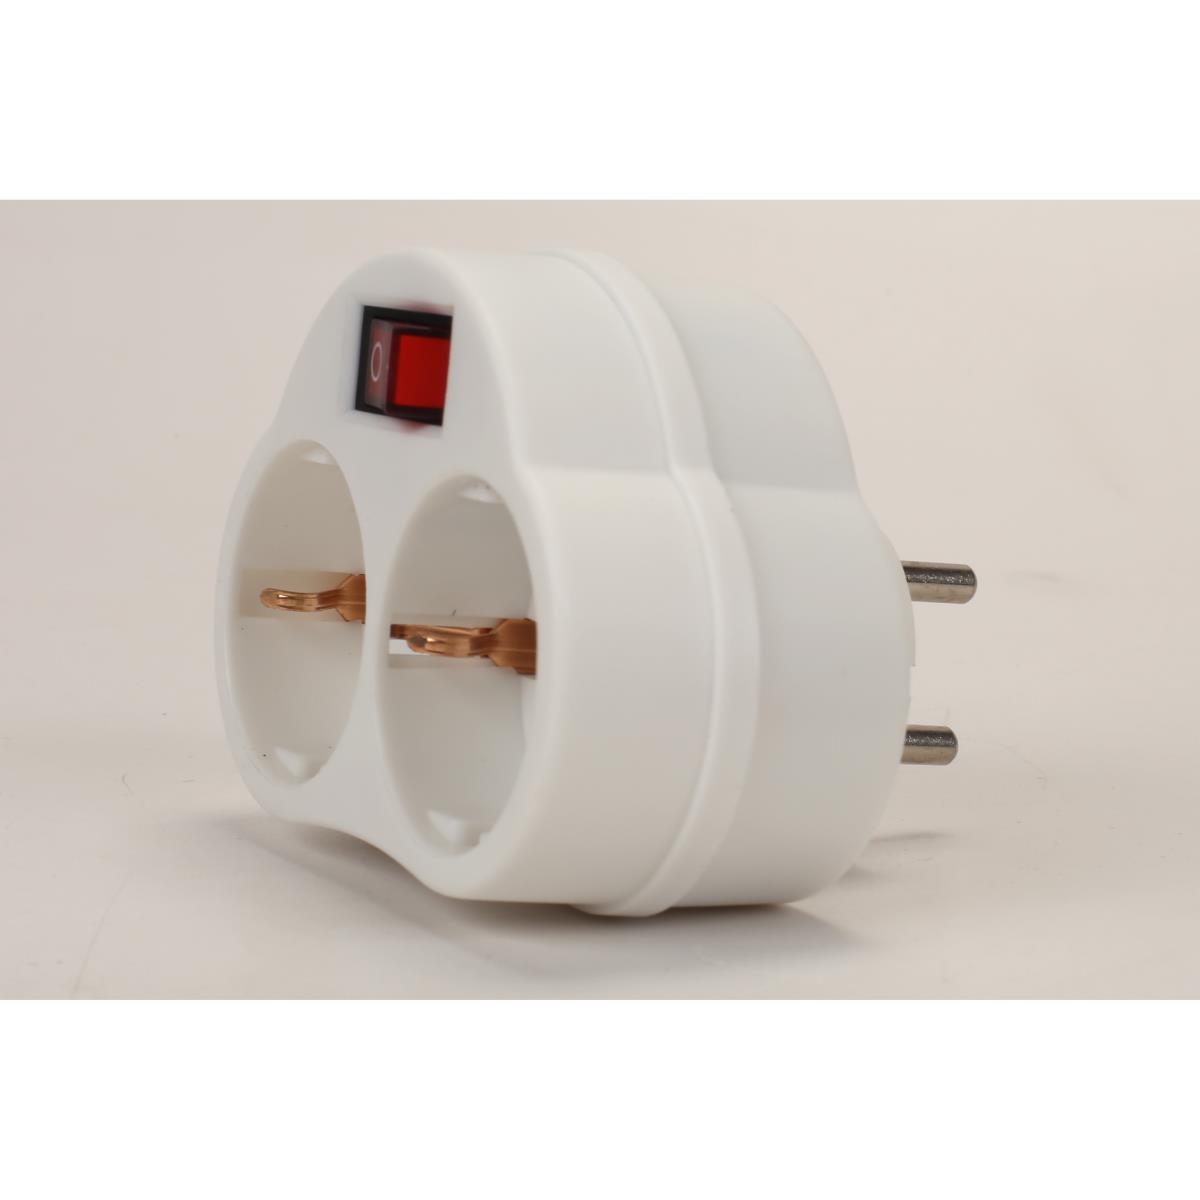 Doppel zweifach Steckdose mit Schalter Steckdosenschalter Stecker weiß 230V,OKKO,KF-ZB-01-02K, 4772013040774